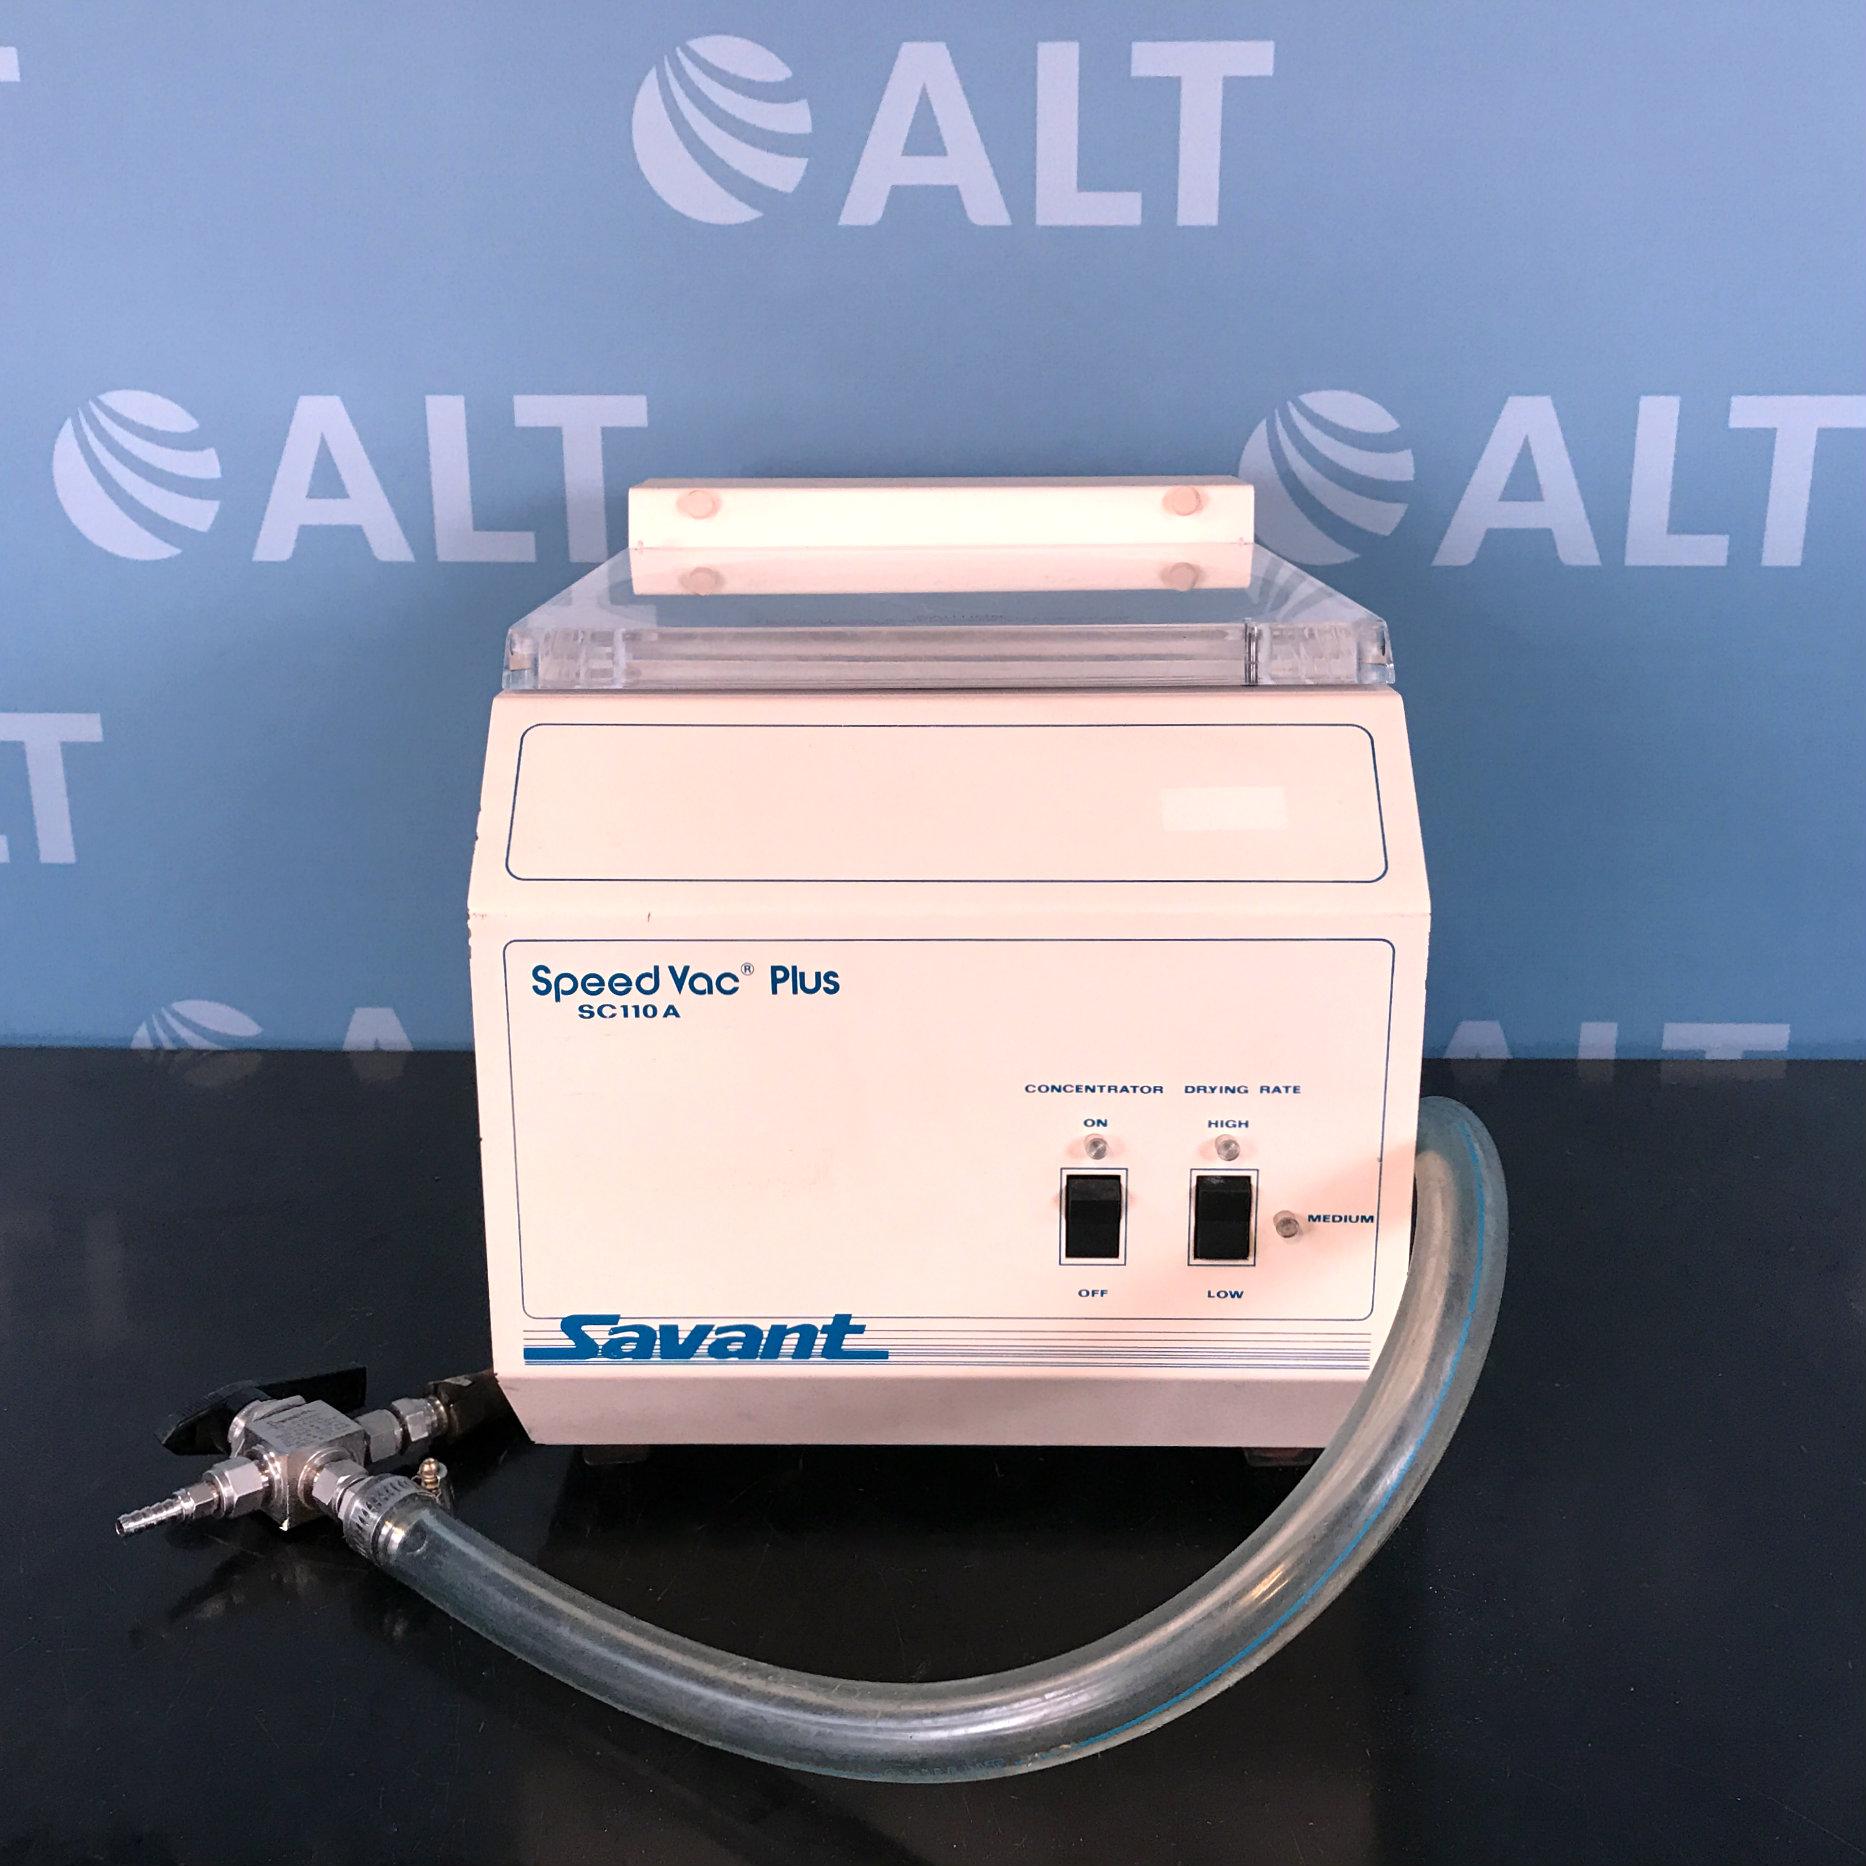 Savant SC110A-120 Speed Vac Plus Vacuum Concentrator Image